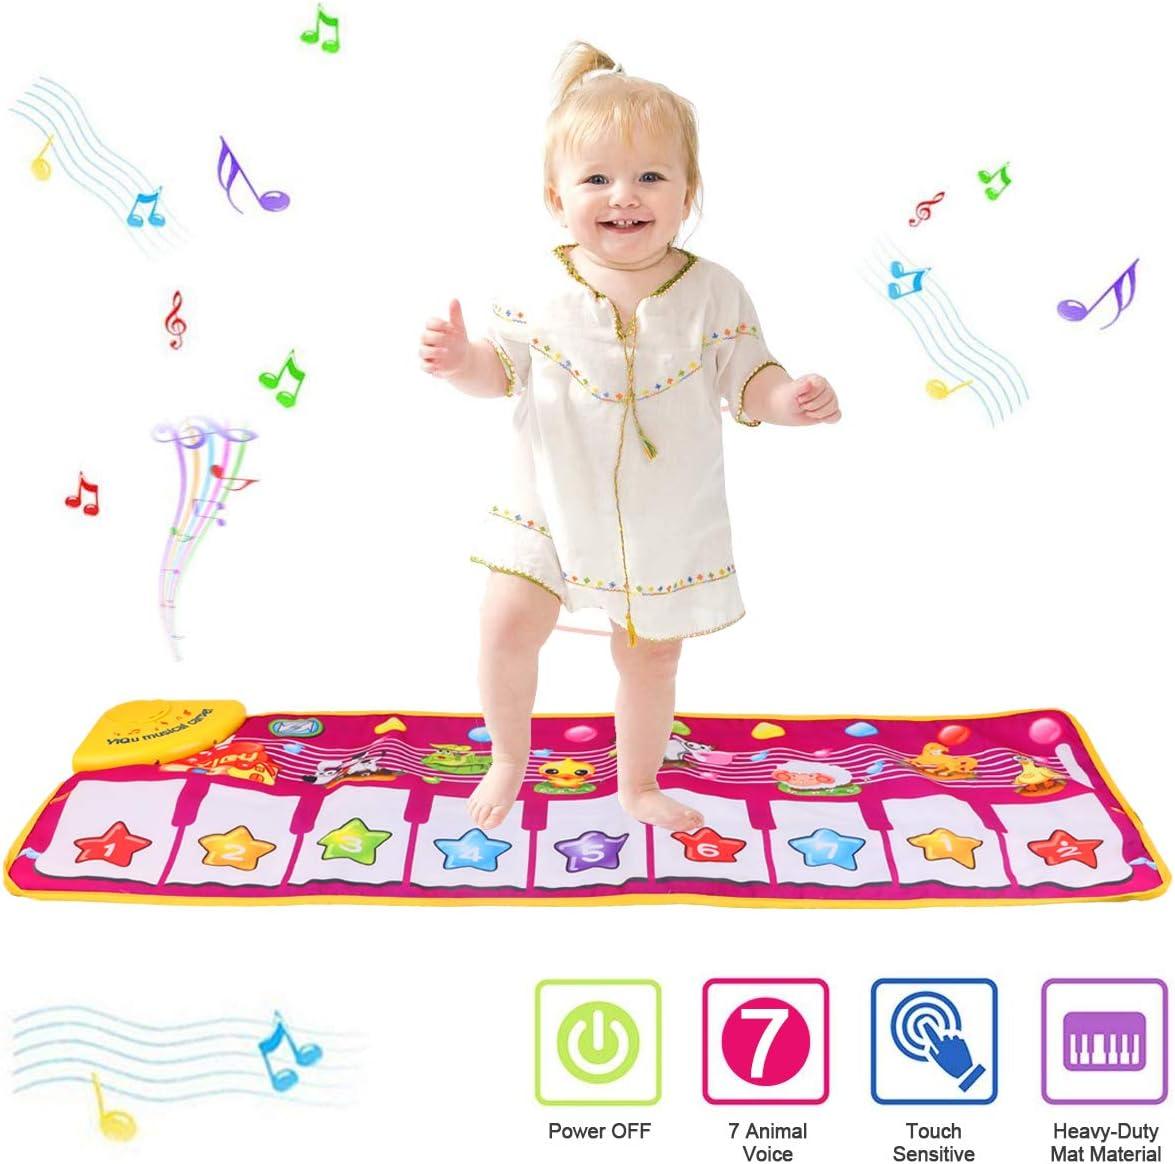 PROACC Tapete para Piano, Juguete para niños con Teclado y Teclado para Piano, tamaño Grande (39 * 14 Pulgadas) Divertido tapete de Baile para bebés Niños pequeños y Regalos para niñas (Rojo)